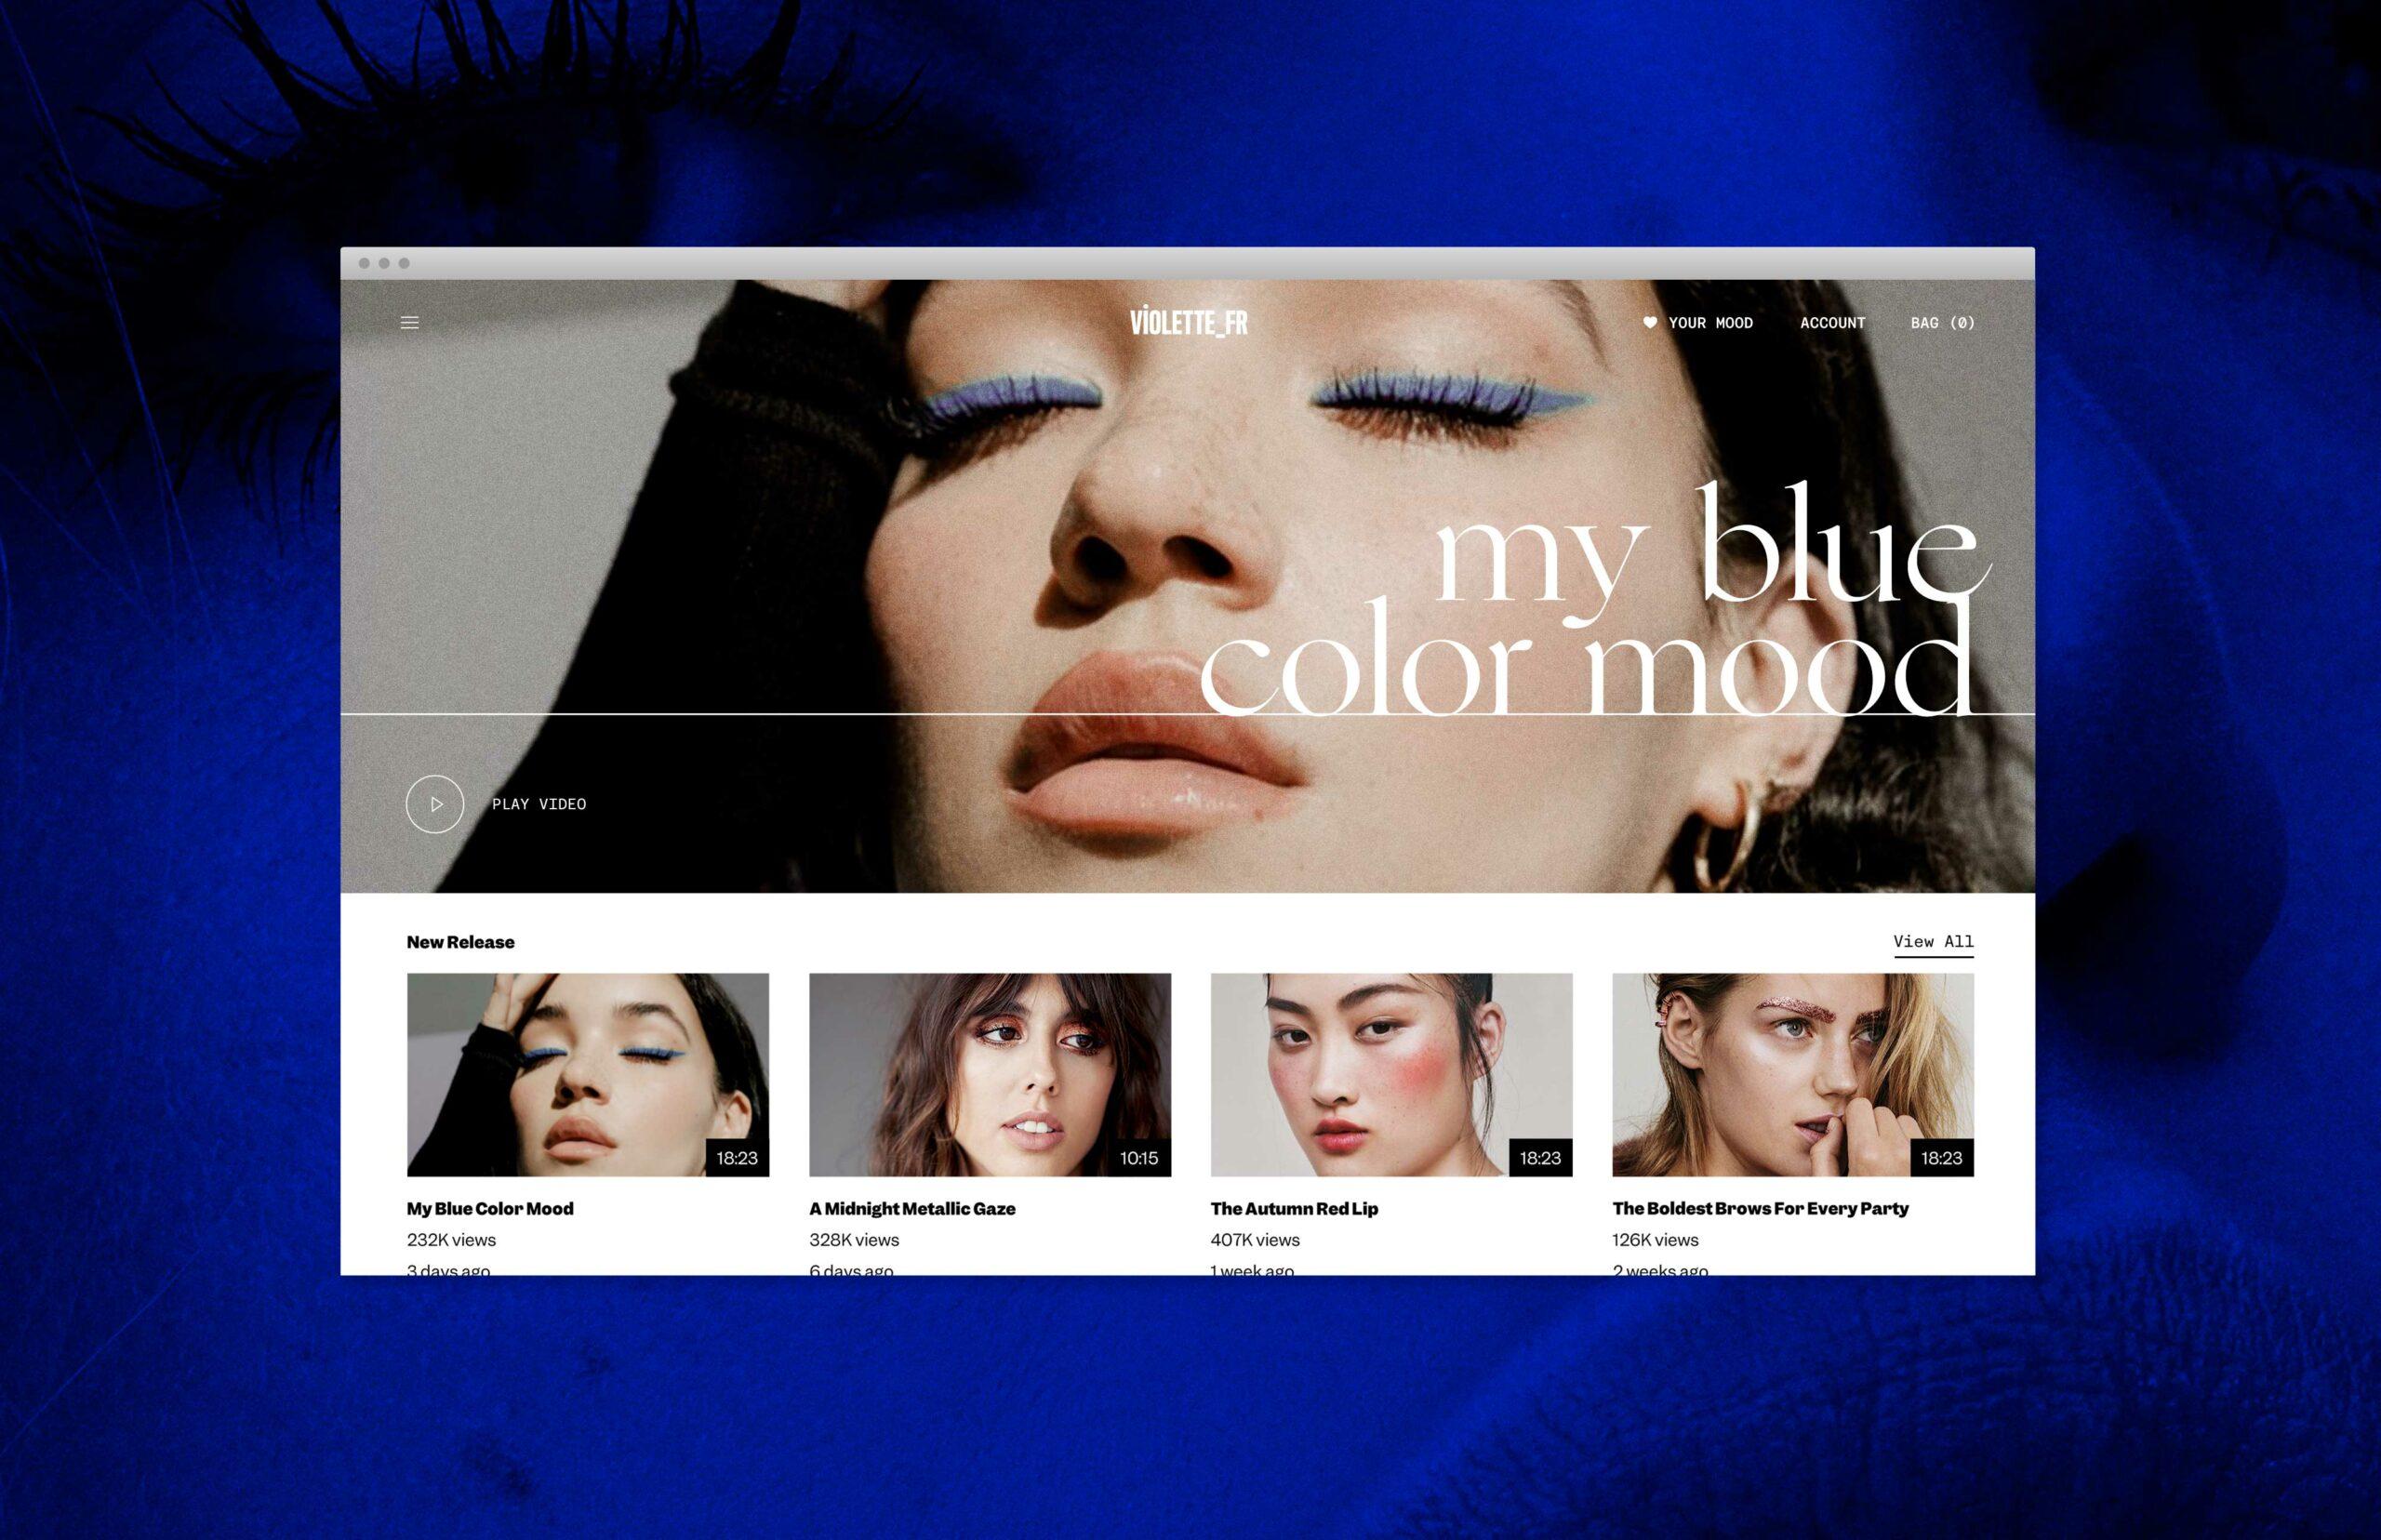 04-Violette-Webpage7